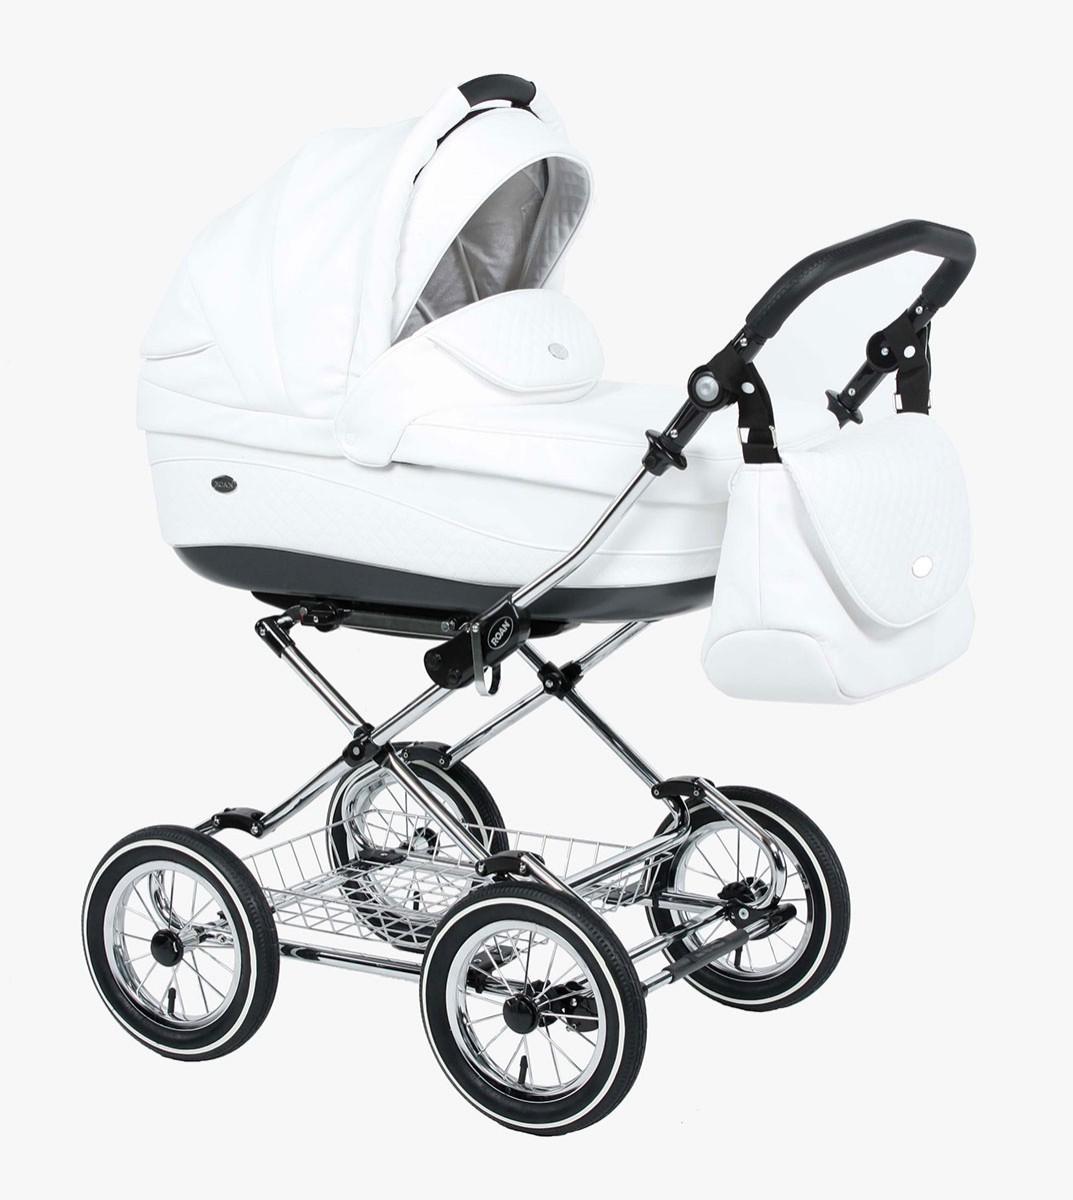 Детская коляска для новорожденных 3 в 1, Roan Emma - Роан Эмма, самая модная коляска для новорожденных, модные коляски, купить коляску для новорожденного, детские коляски роан, детские коляски roan, Roan Emma, цвет RP17